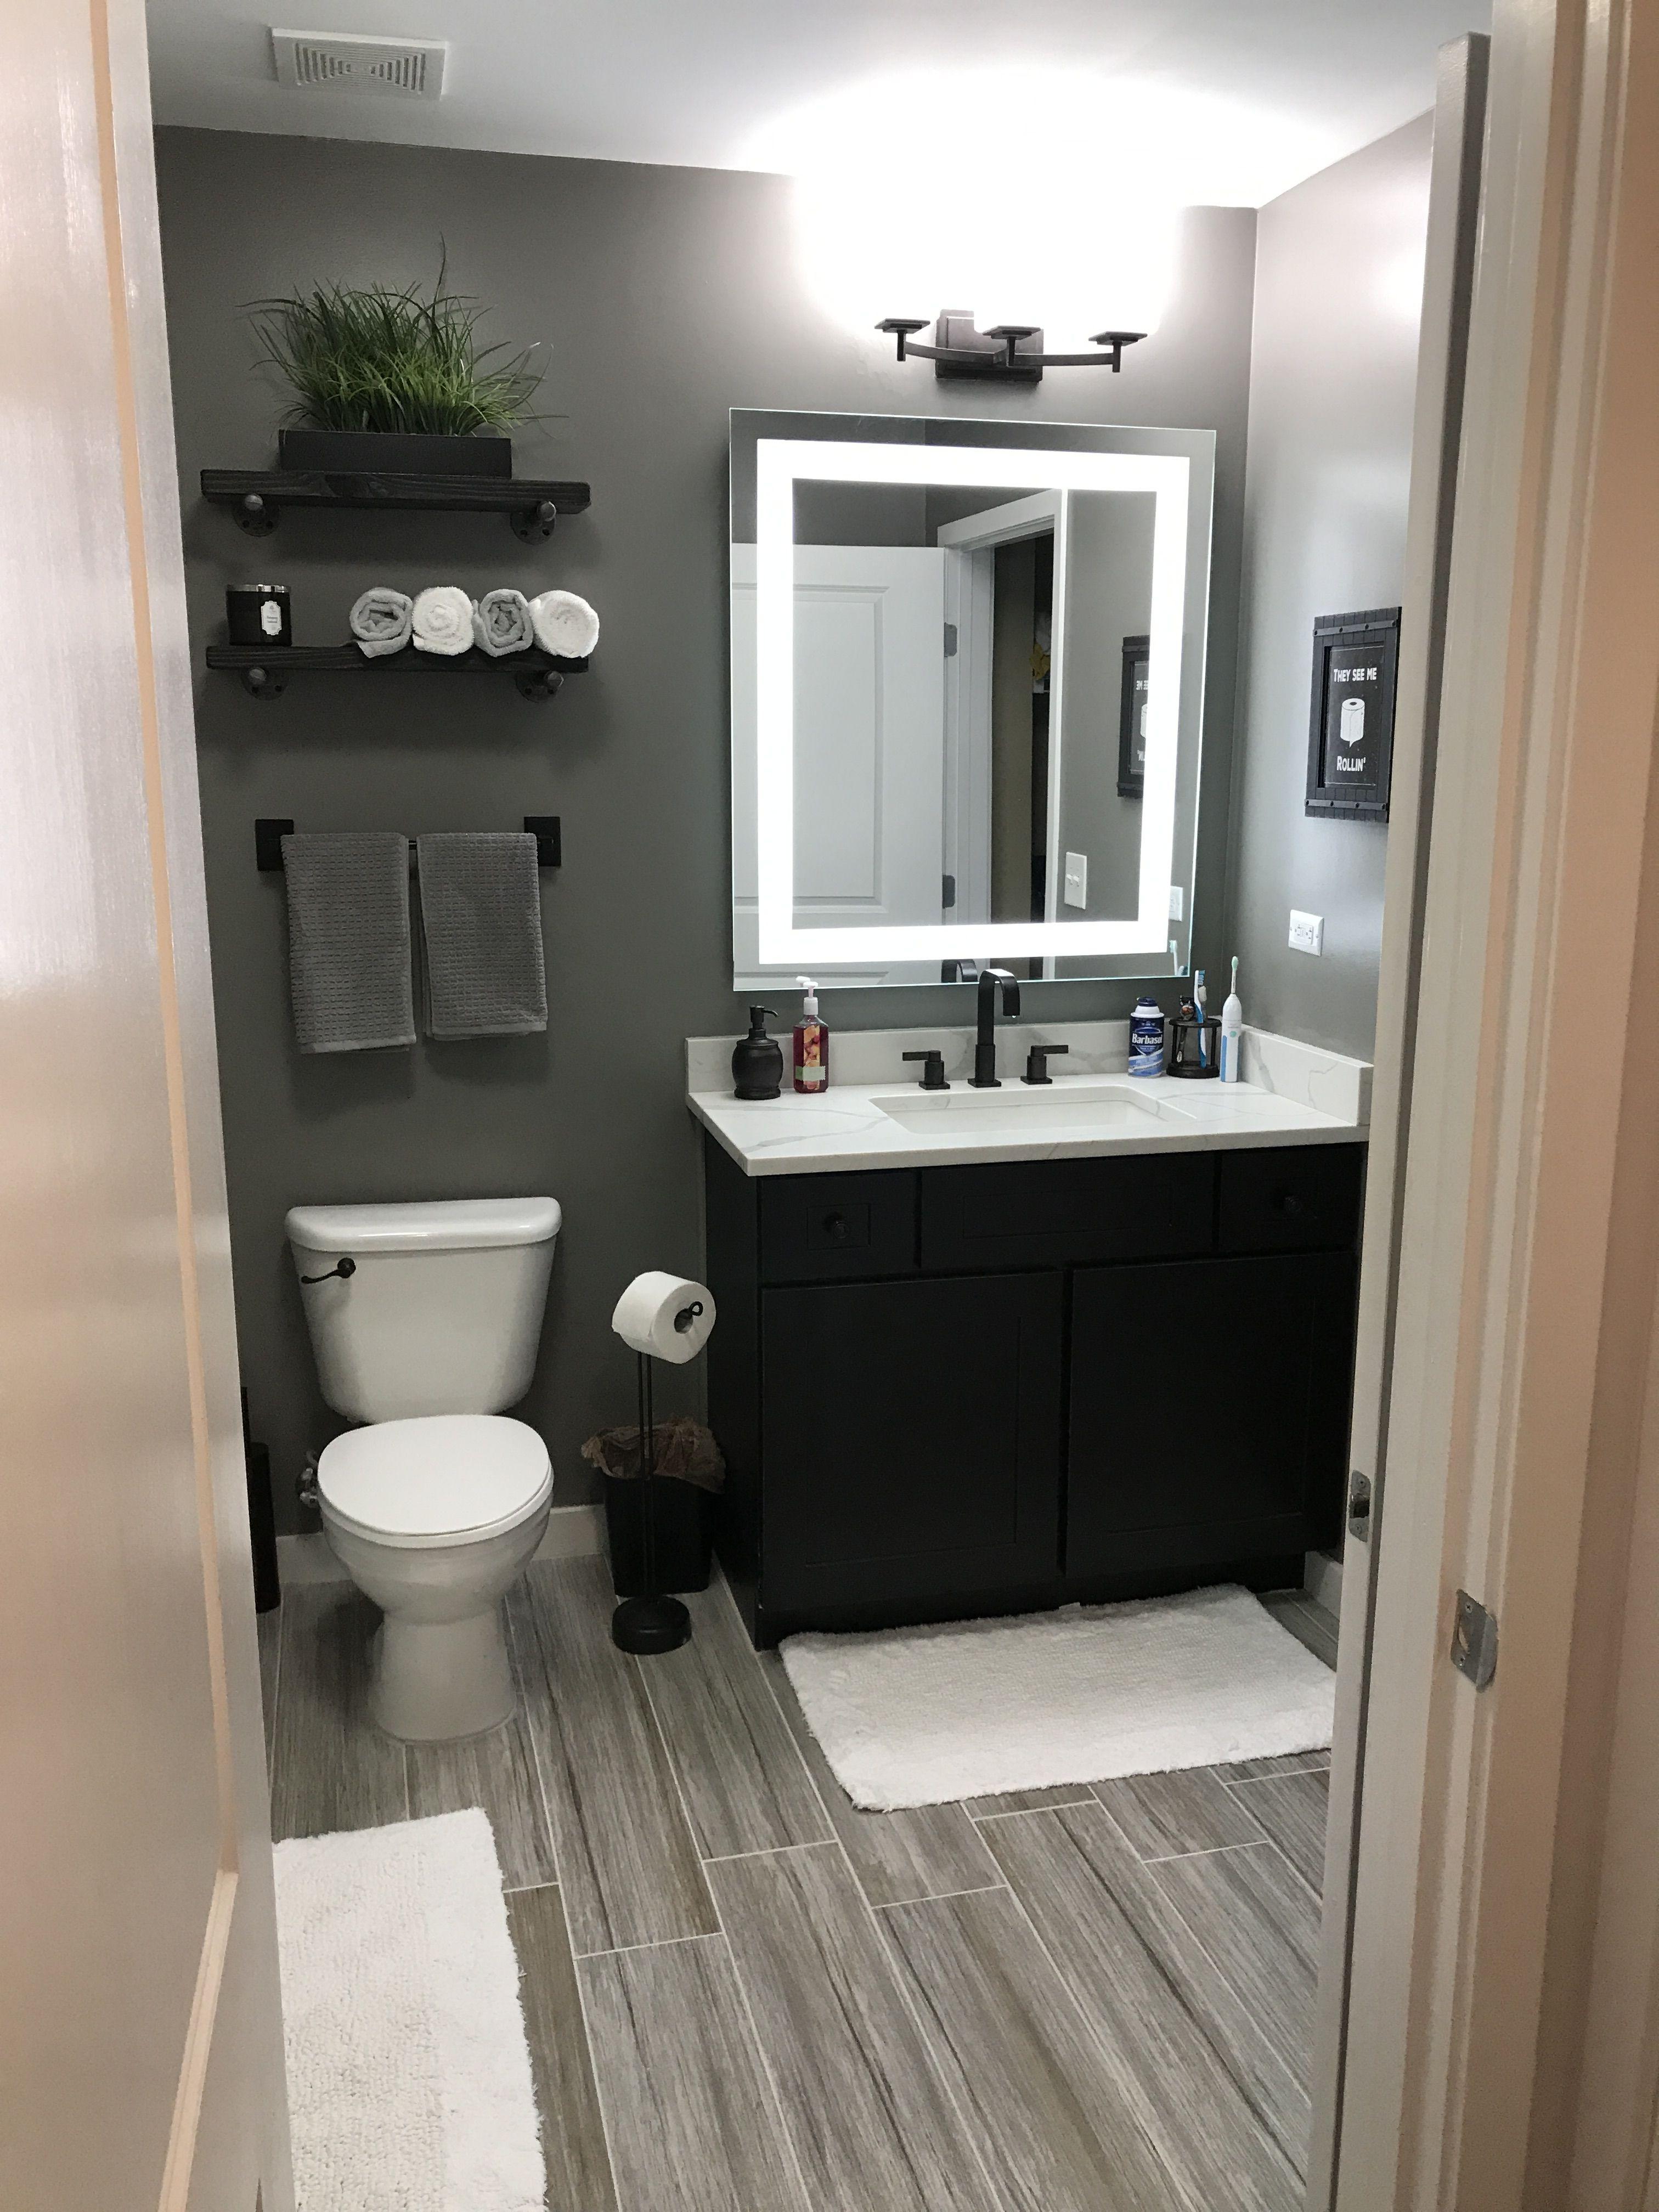 Grey bathroom / men's bathroom/ small / wood floor look ...